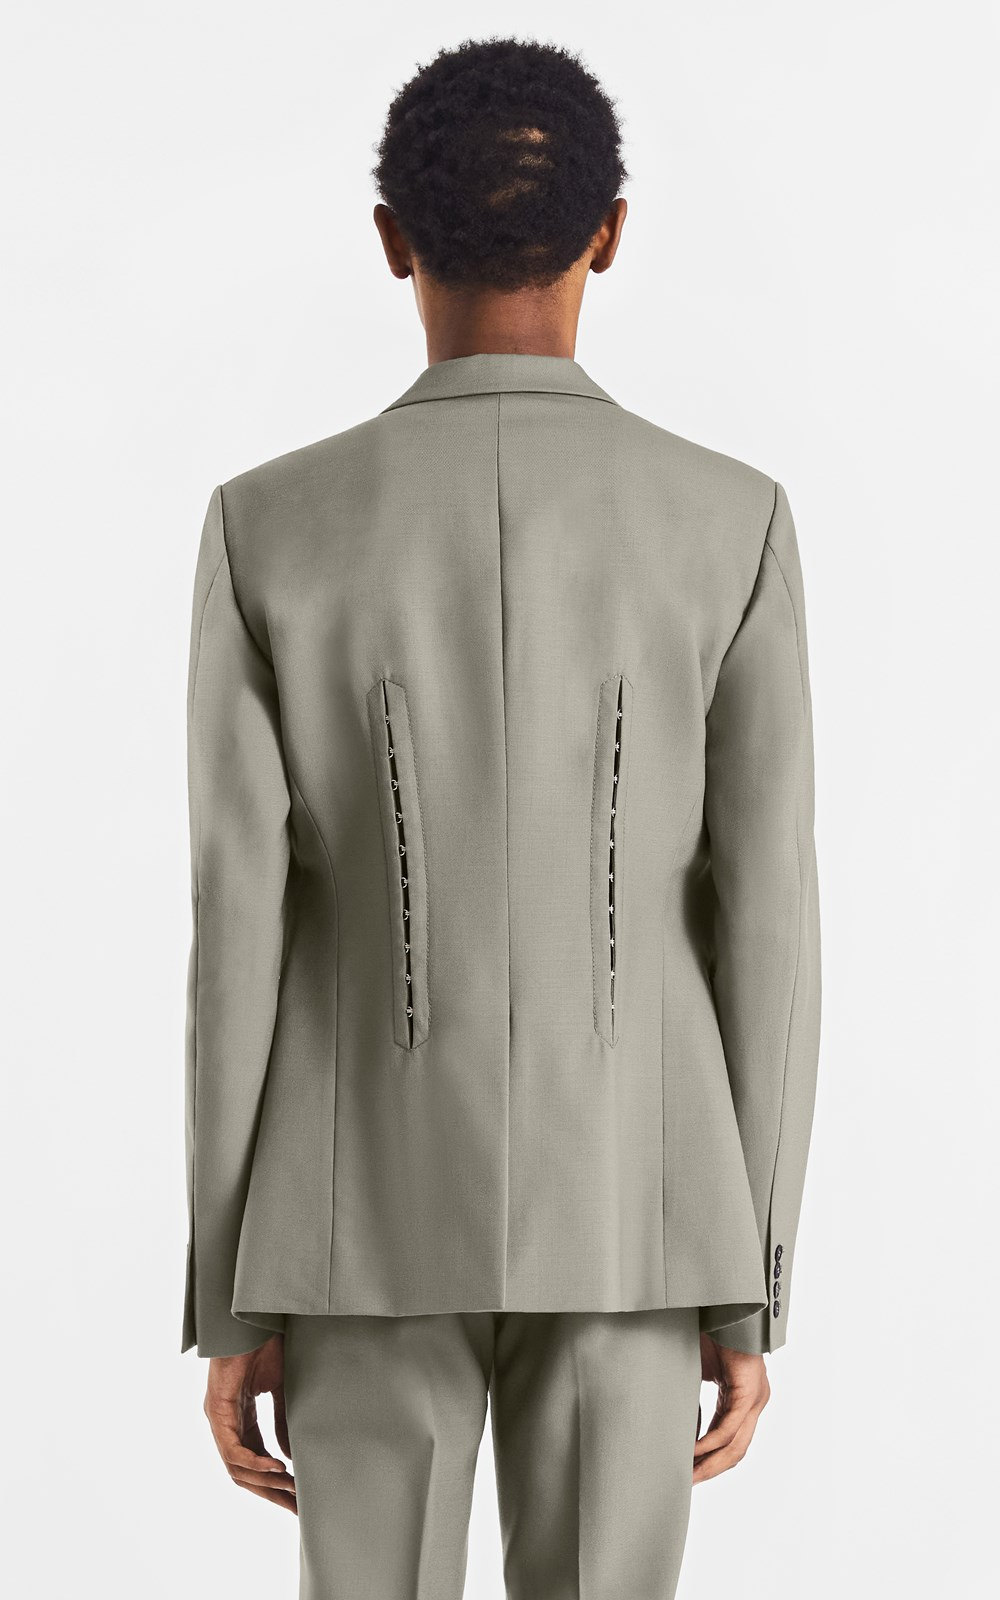 Outerwear | HOOK & EYE WOOL BLAZER